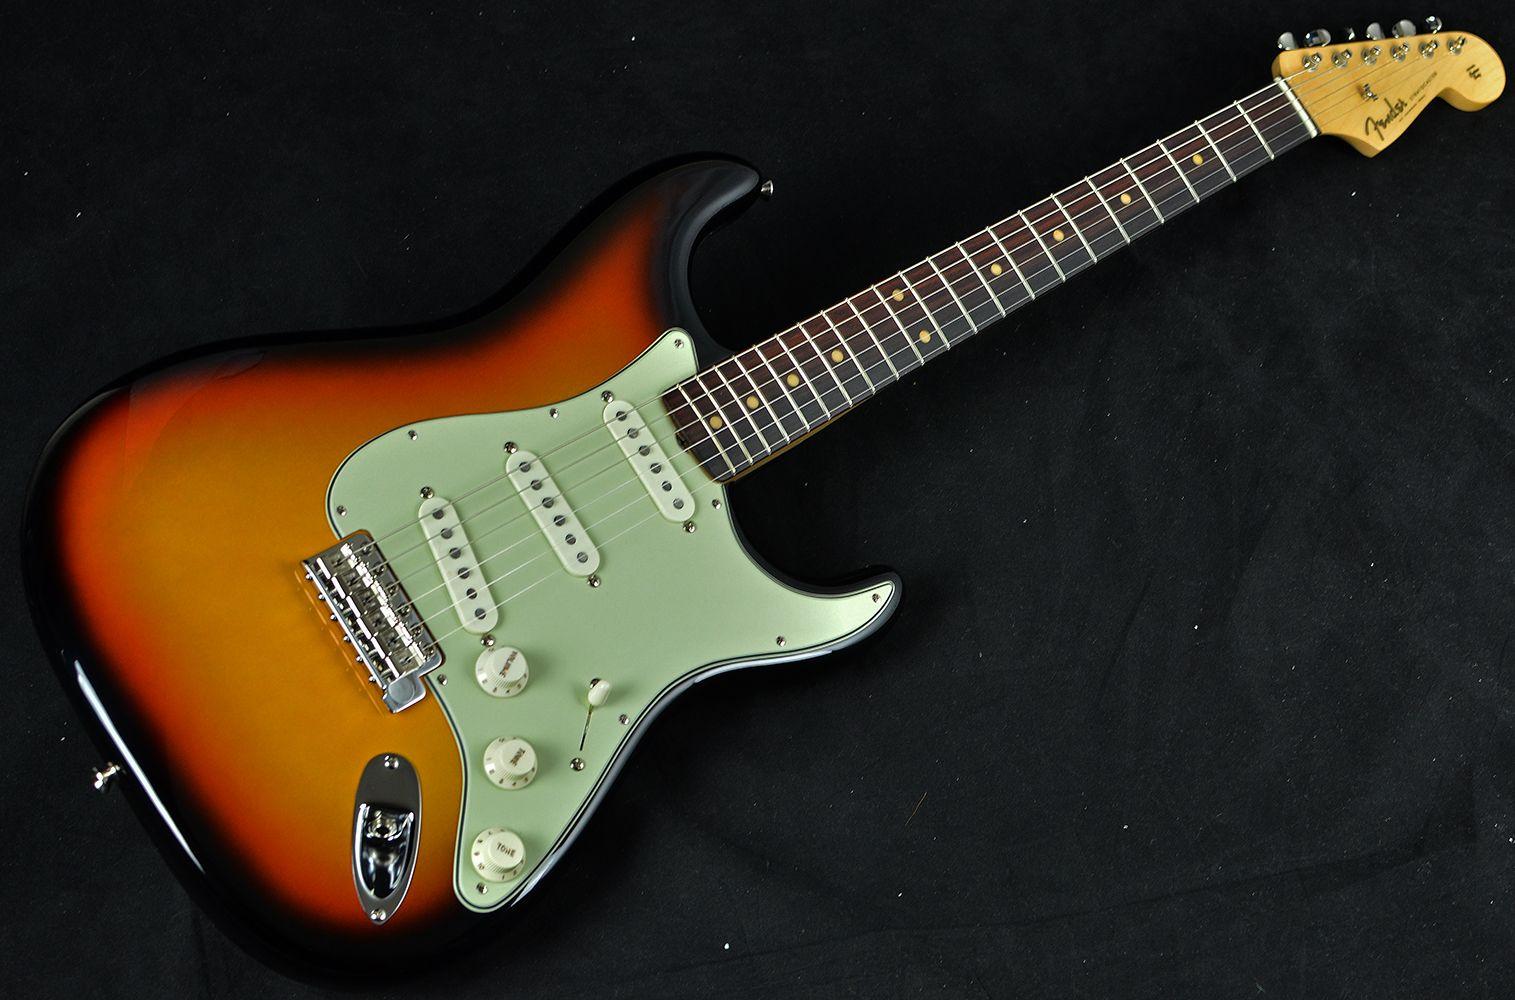 Green eyes guitar